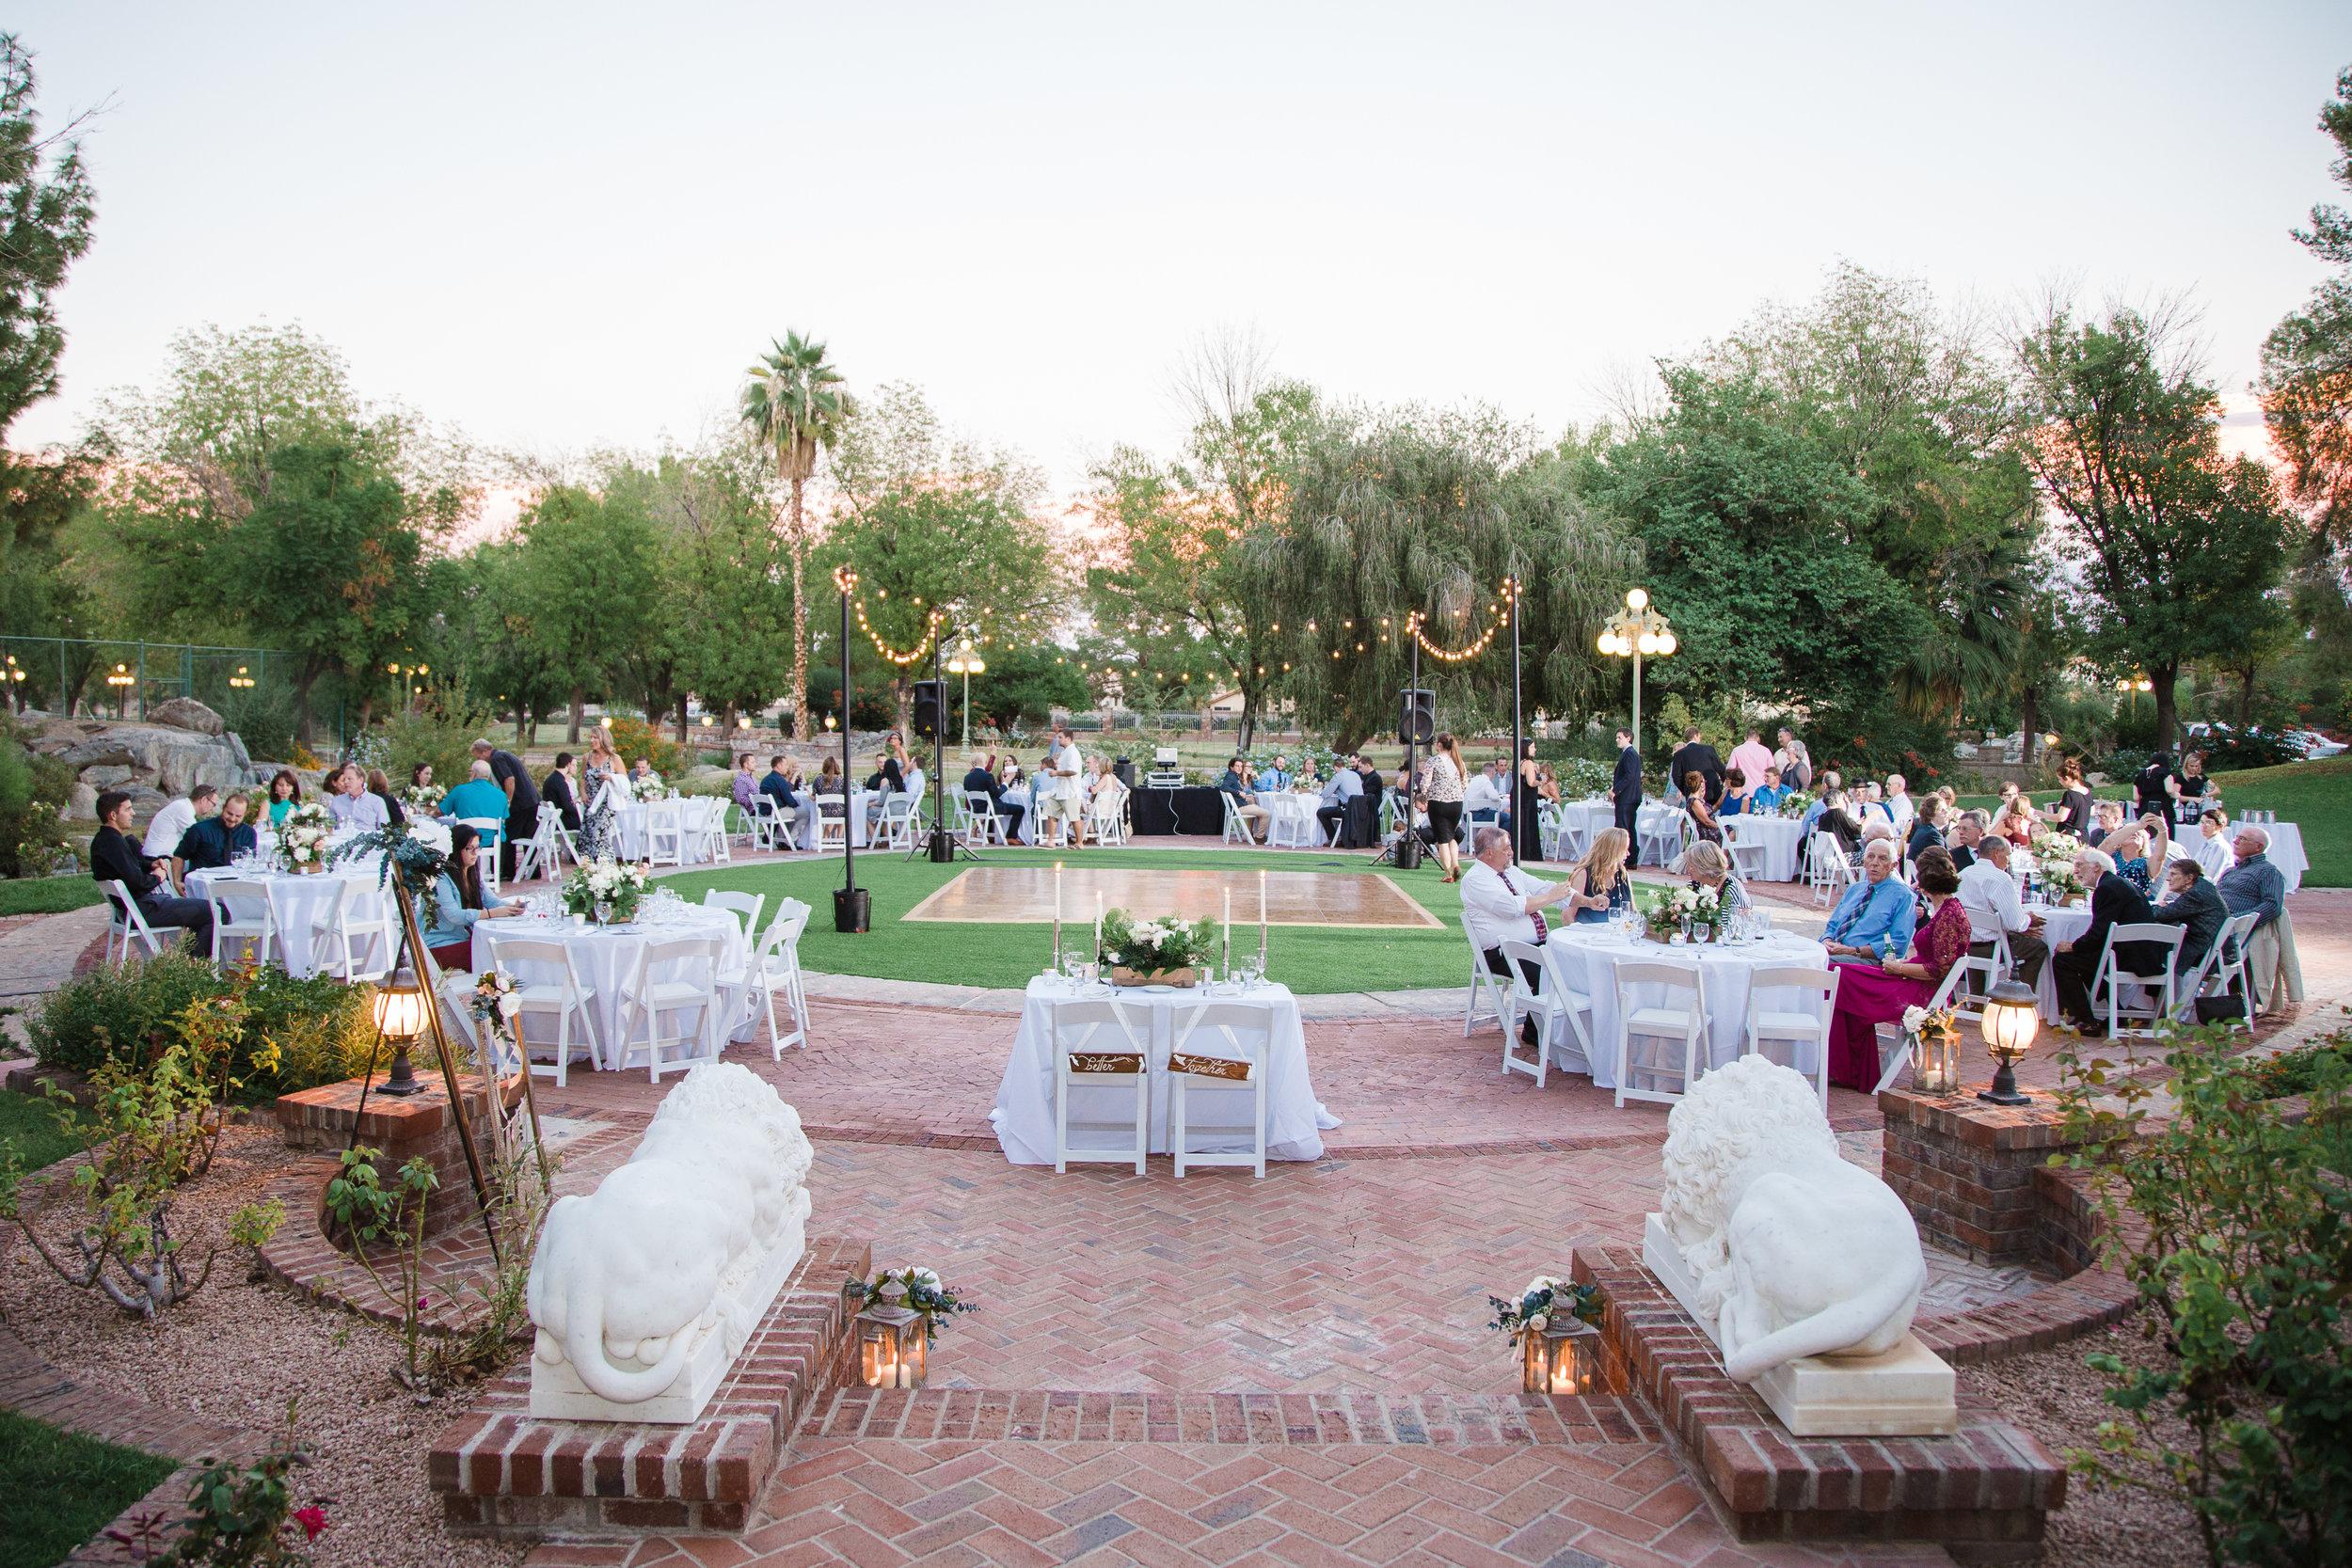 Chateau de View wedding reception venue